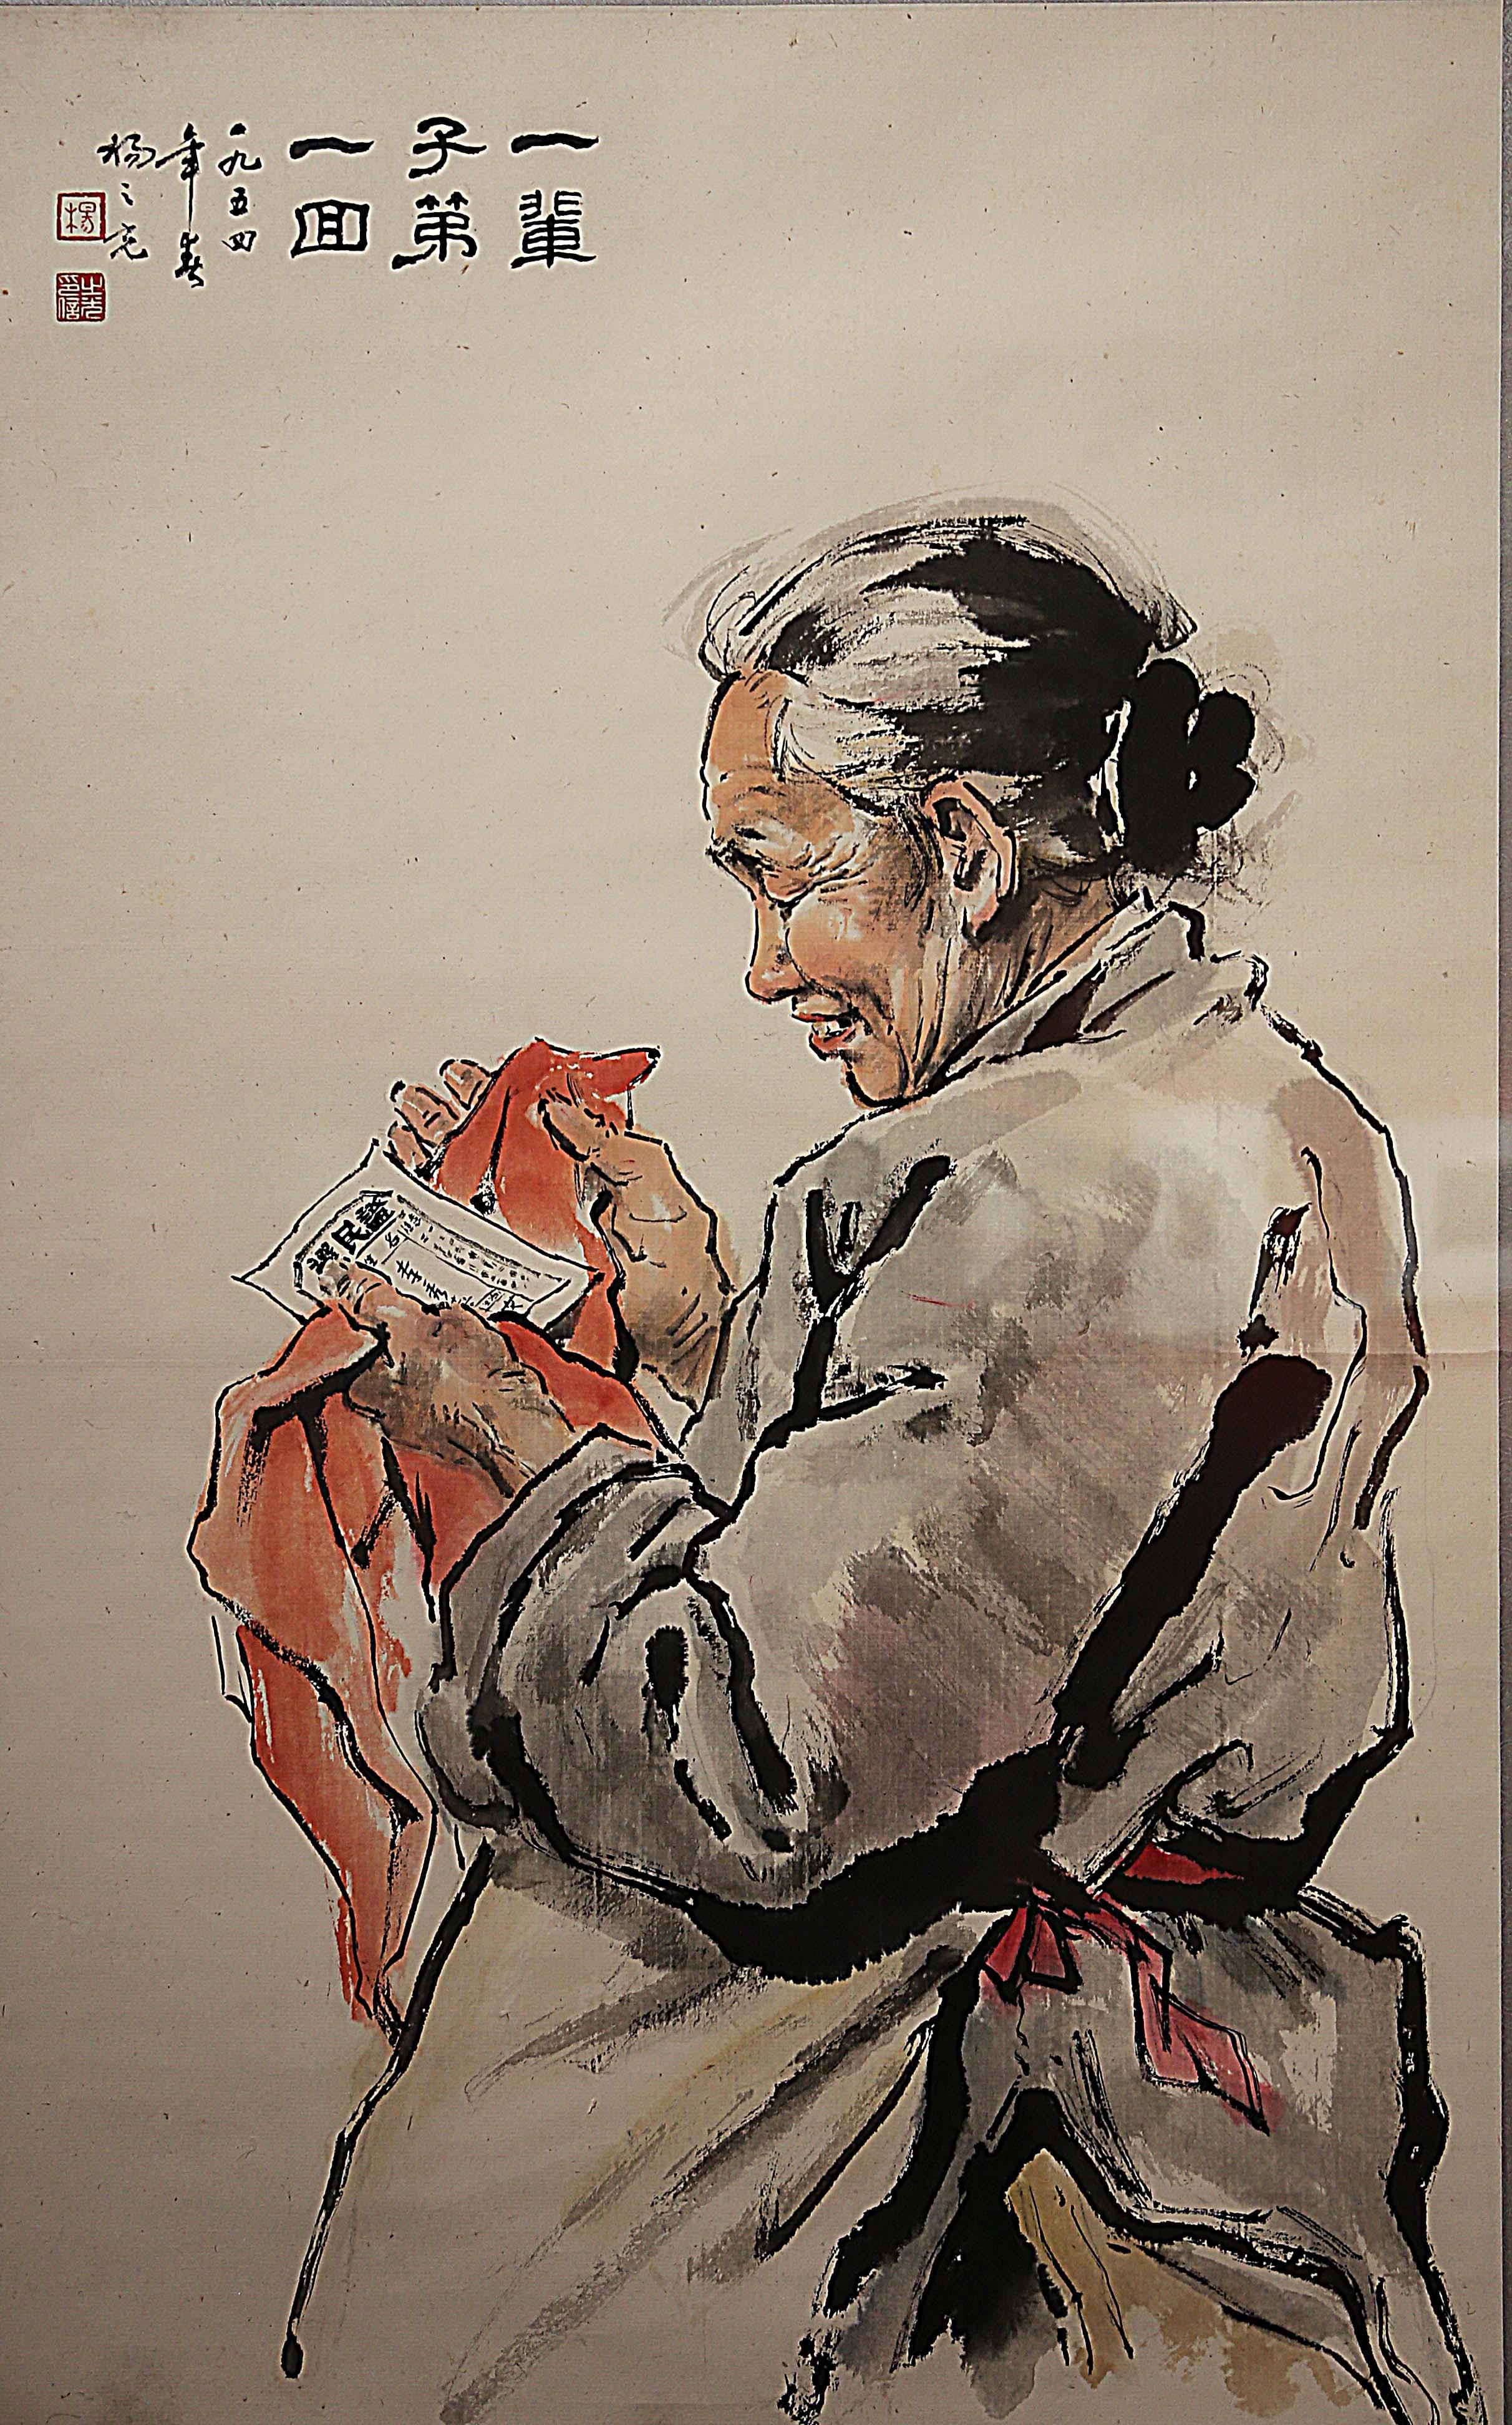 杨之光《一辈子第一回》中国画 1954年 广州艺术博物院藏